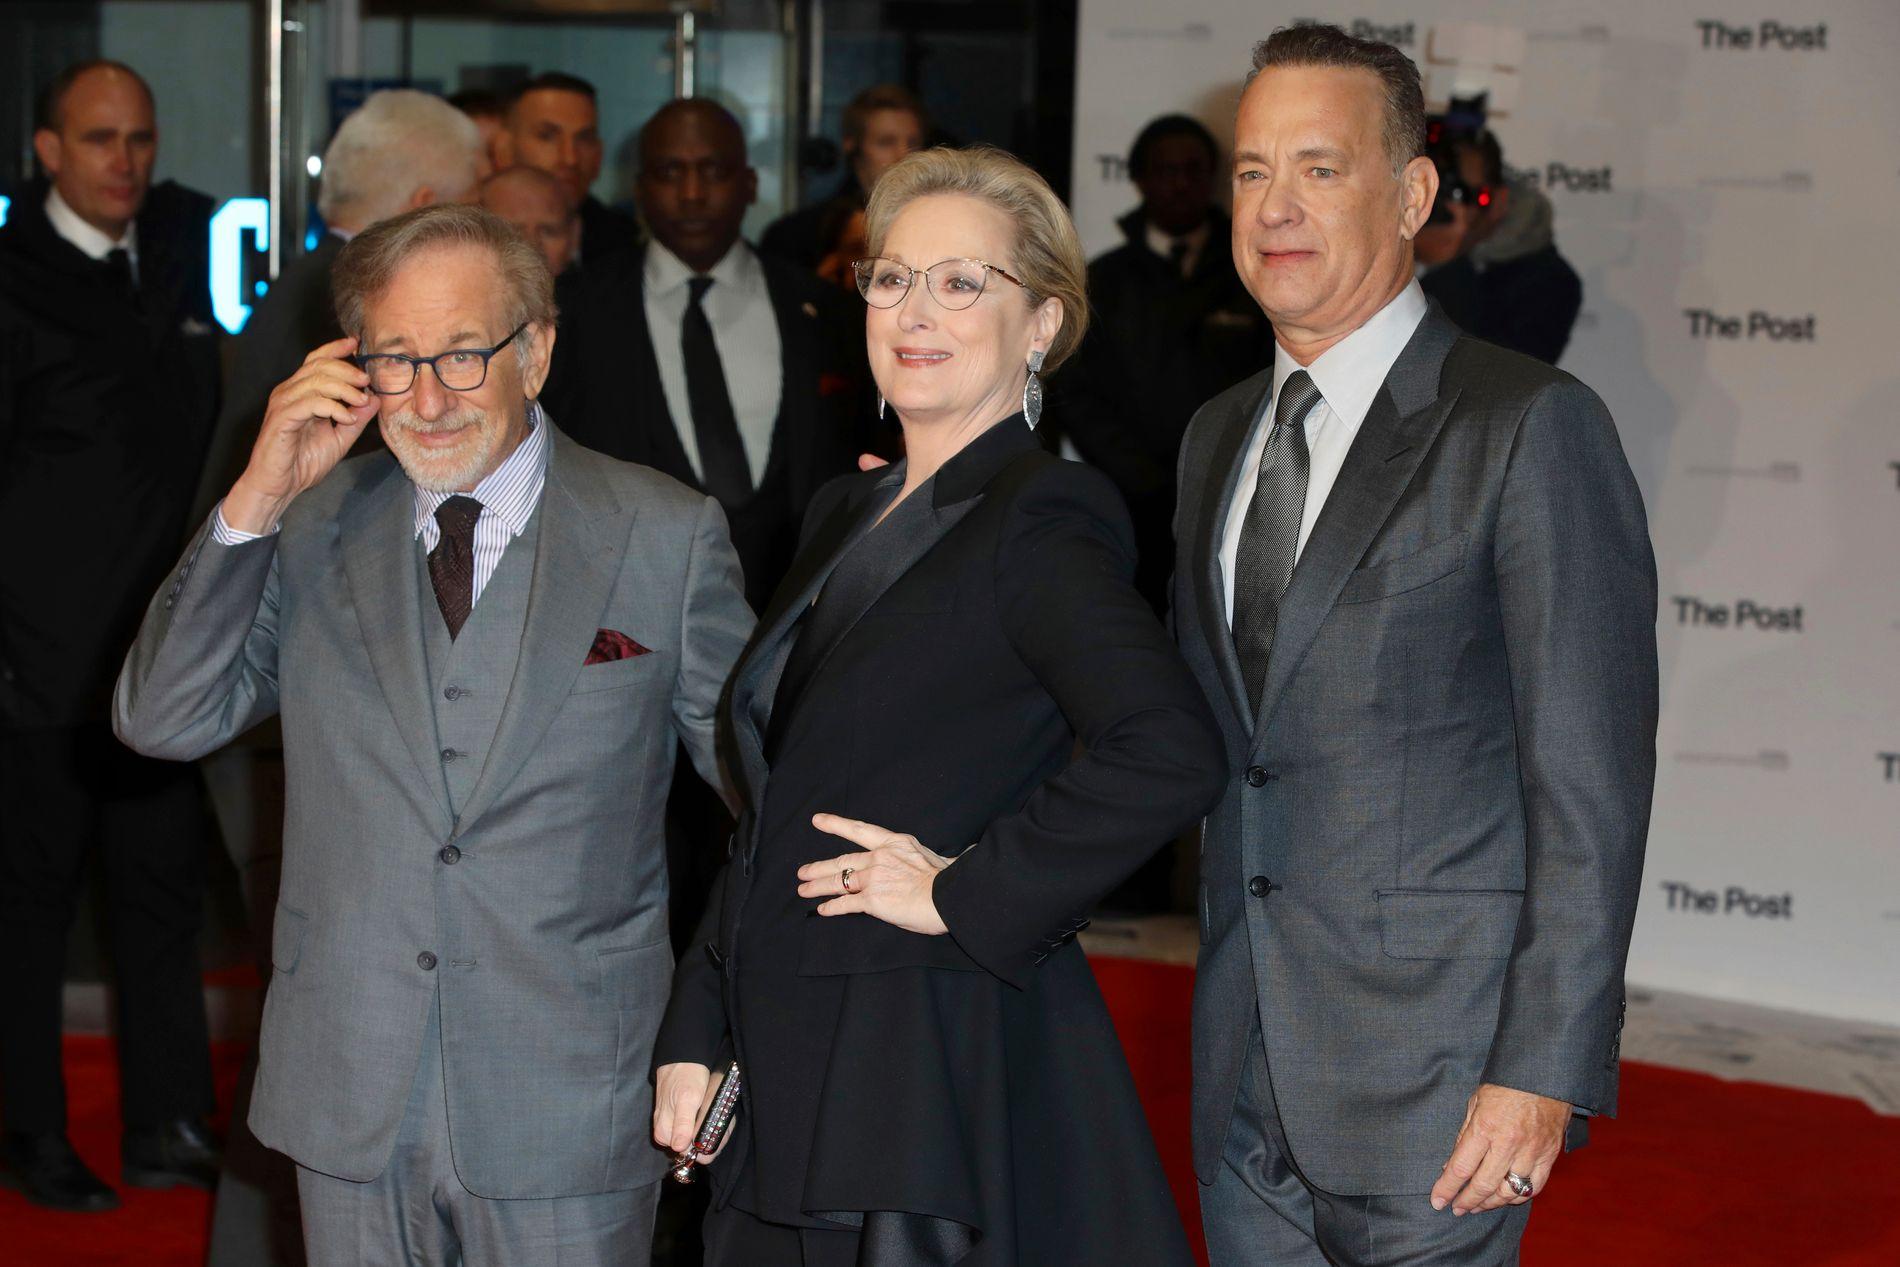 AKTUELL OG HISTORISK: Steven Speilbergs (71) kinoaktuelle film «The Post» handler om president Nixons kamp mot publisering av informasjon som kunne sverte han, men tematikken er like aktuell i dag, mener regissøren, her på filmvisning med hovedrolleinnehaverne Meryl Streep (68) og Tom Hanks (61).